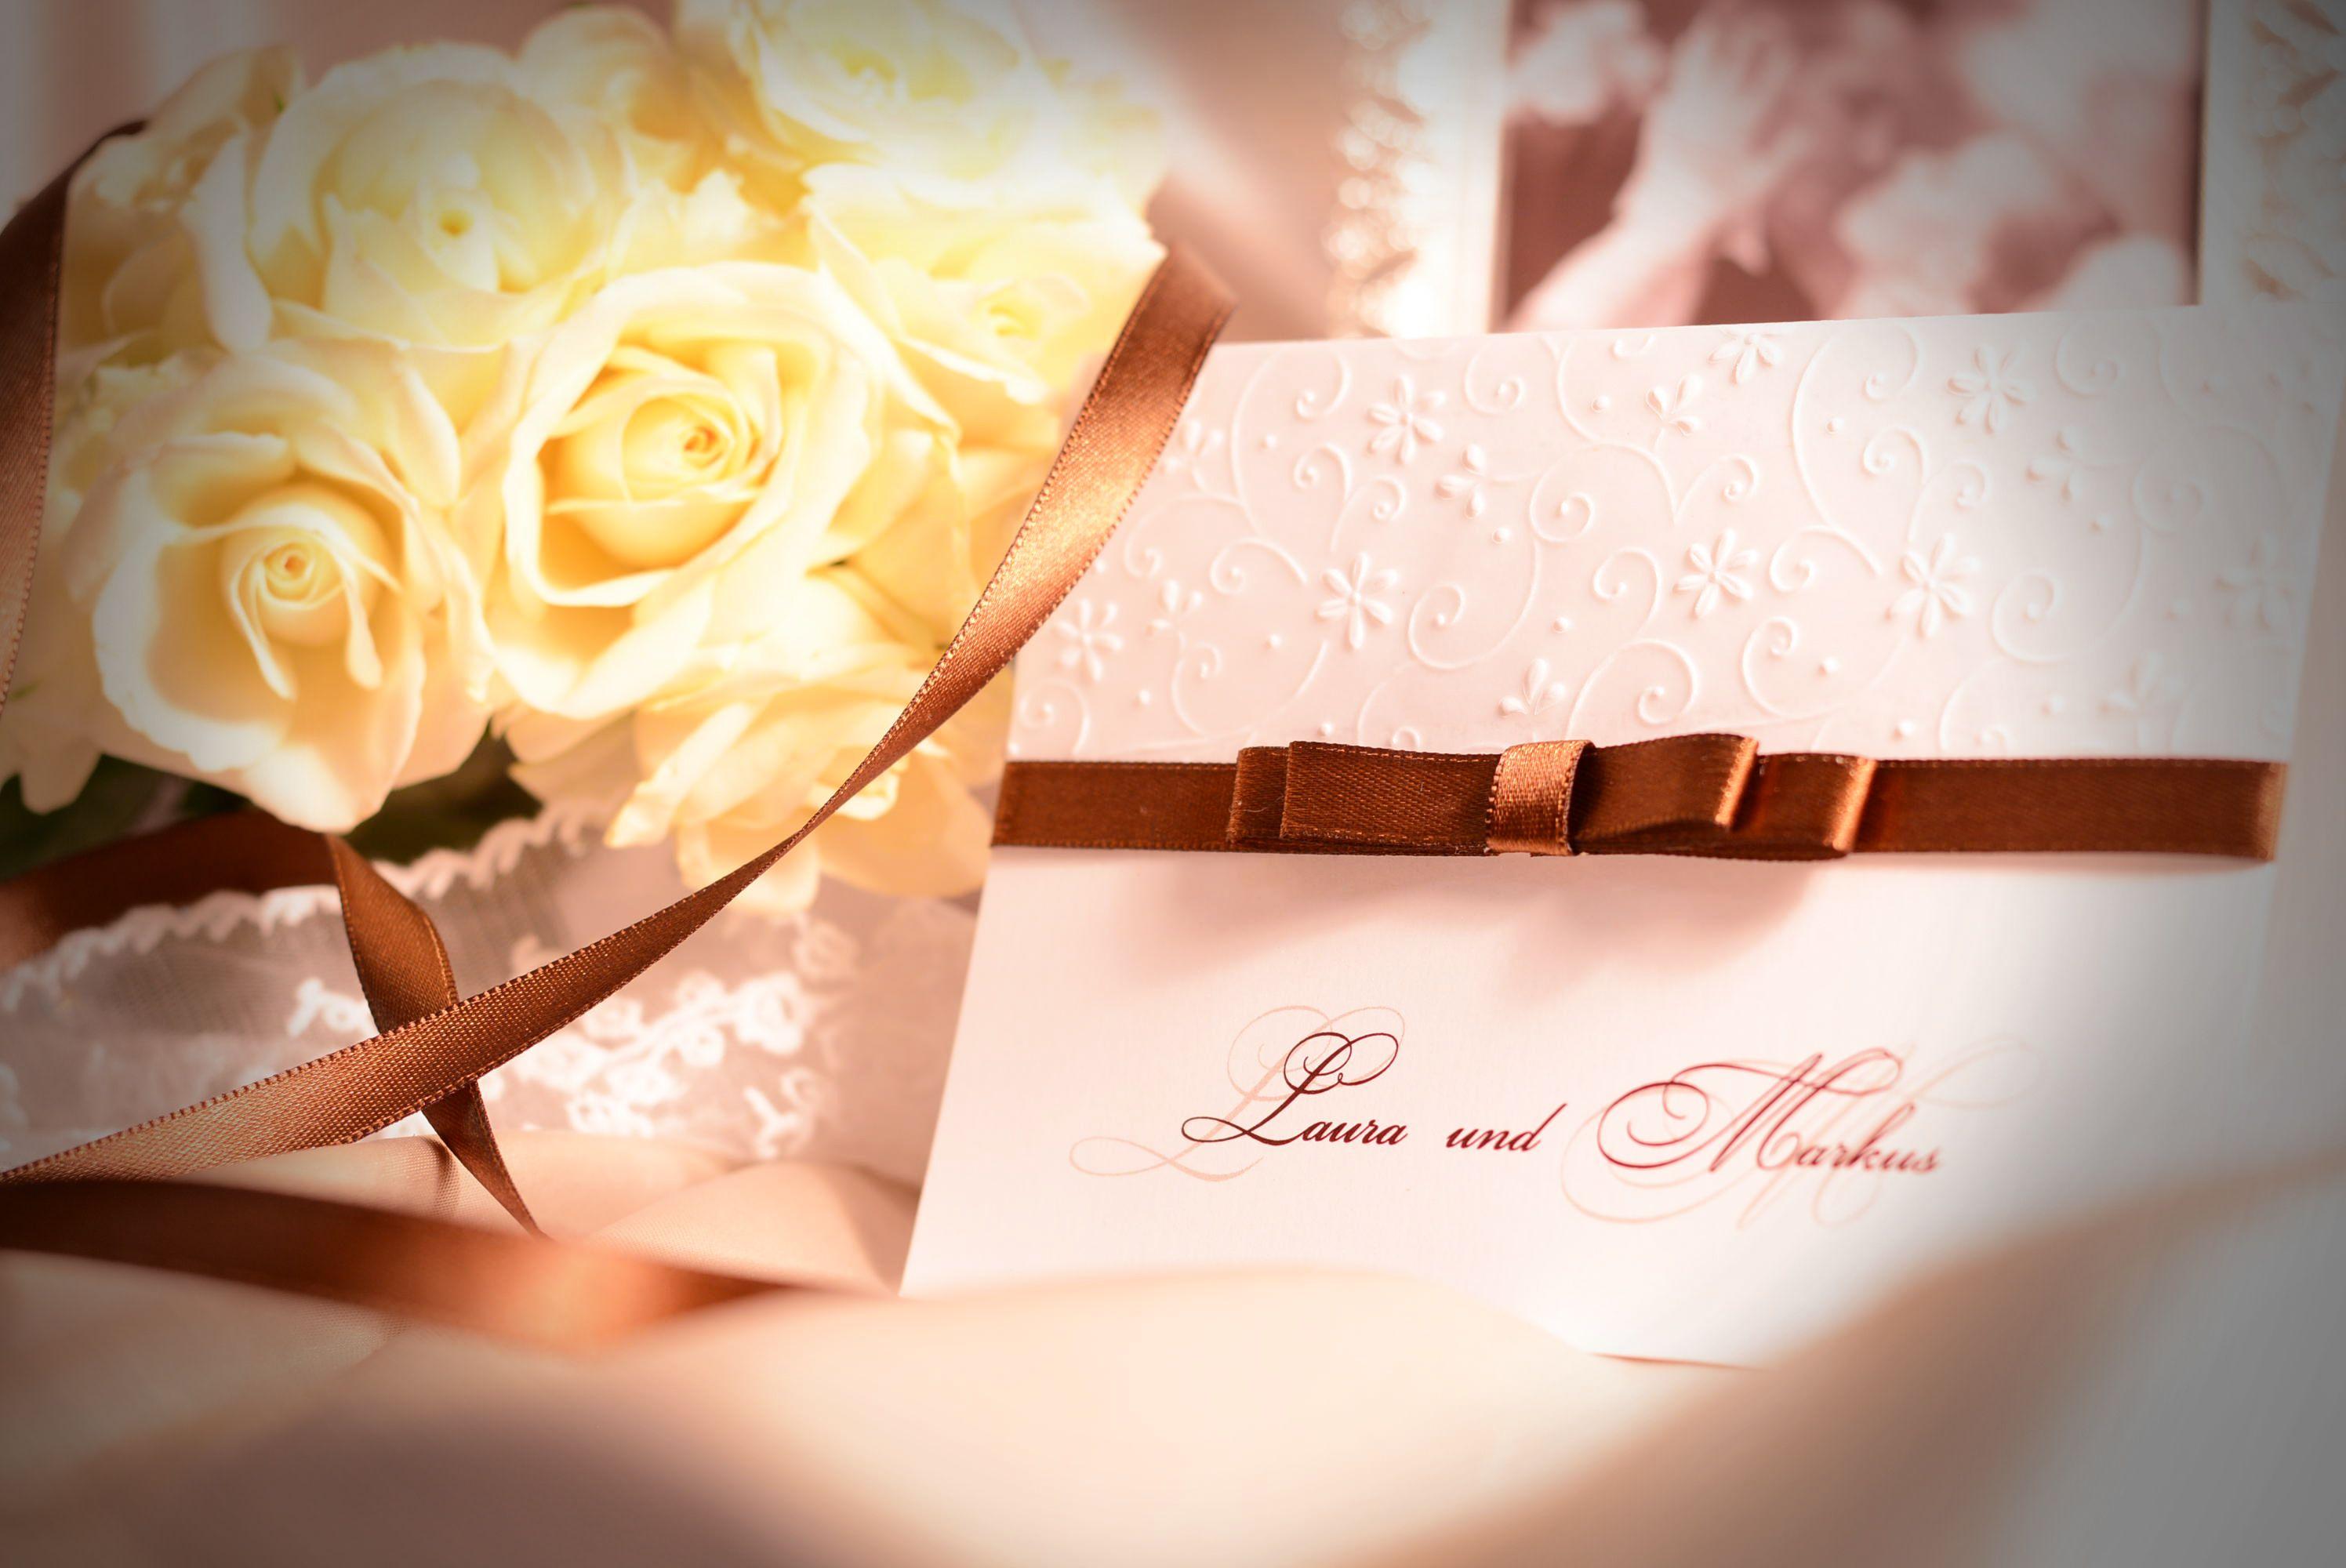 Pin By Pamas Hochzeitskarten On Pamas Hochzeitskarten Pinterest